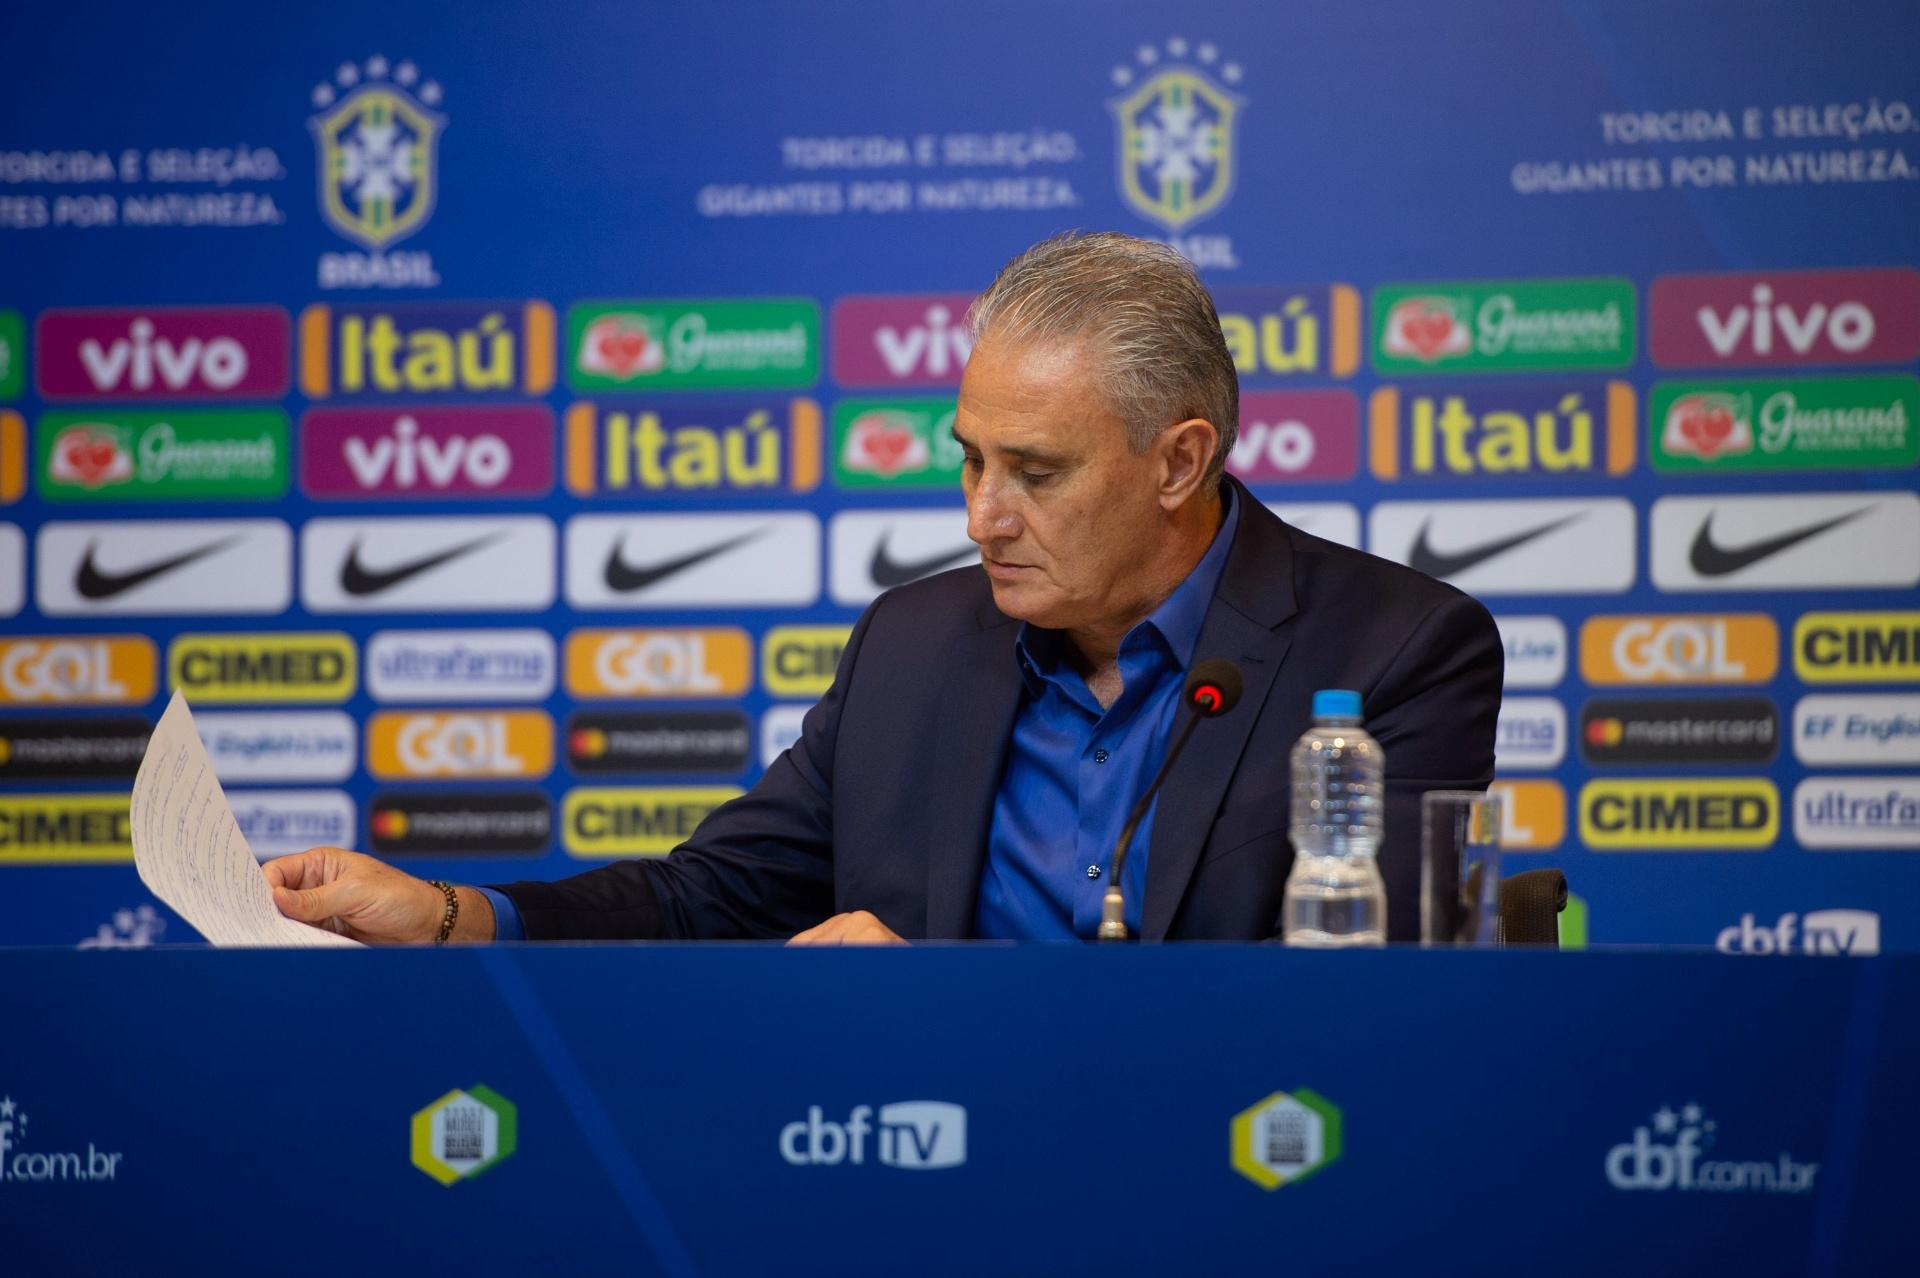 Tite convoca Allan e promove retorno de Paulinho à seleção brasileira -  26 10 2018 - UOL Esporte 05993f73c6521